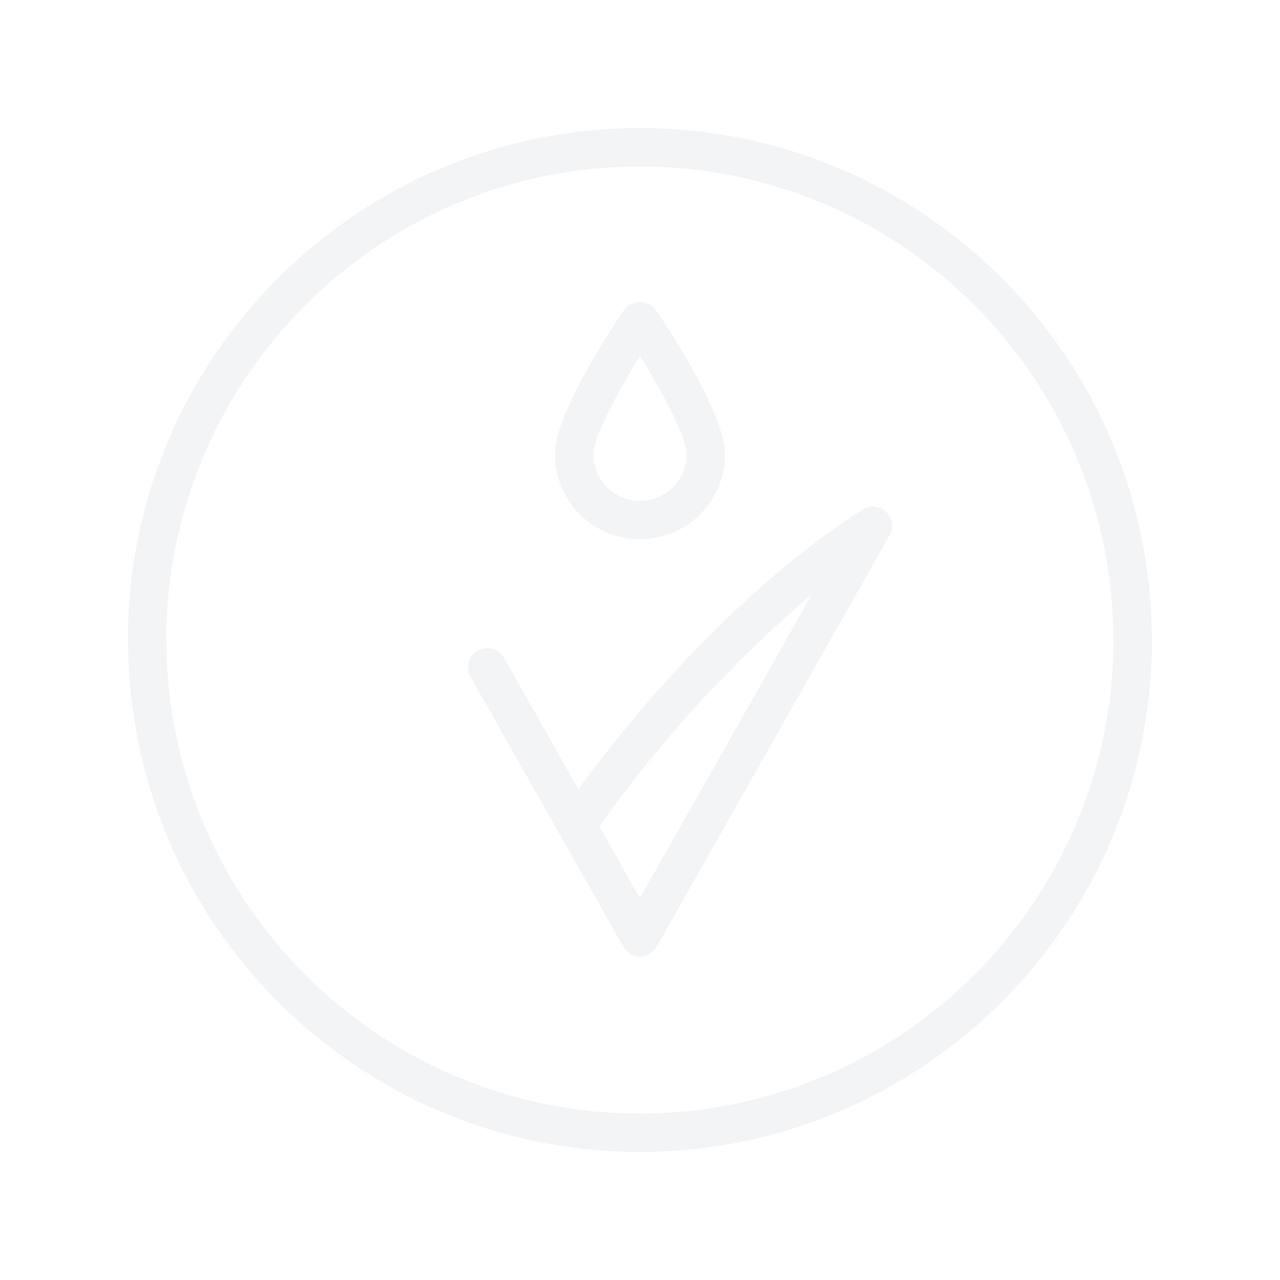 Clarins Sun Radiance-Plus Golden Glow Booster 15ml